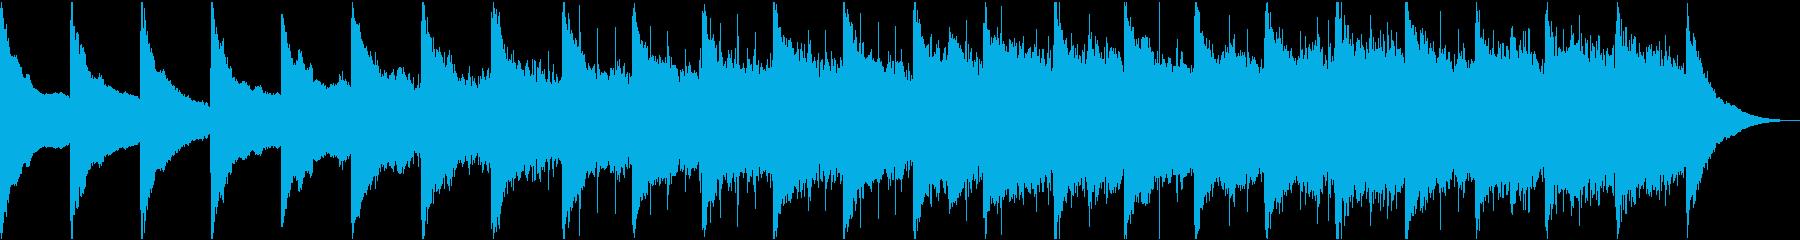 実験的な モダン 実験的 アンビエ...の再生済みの波形